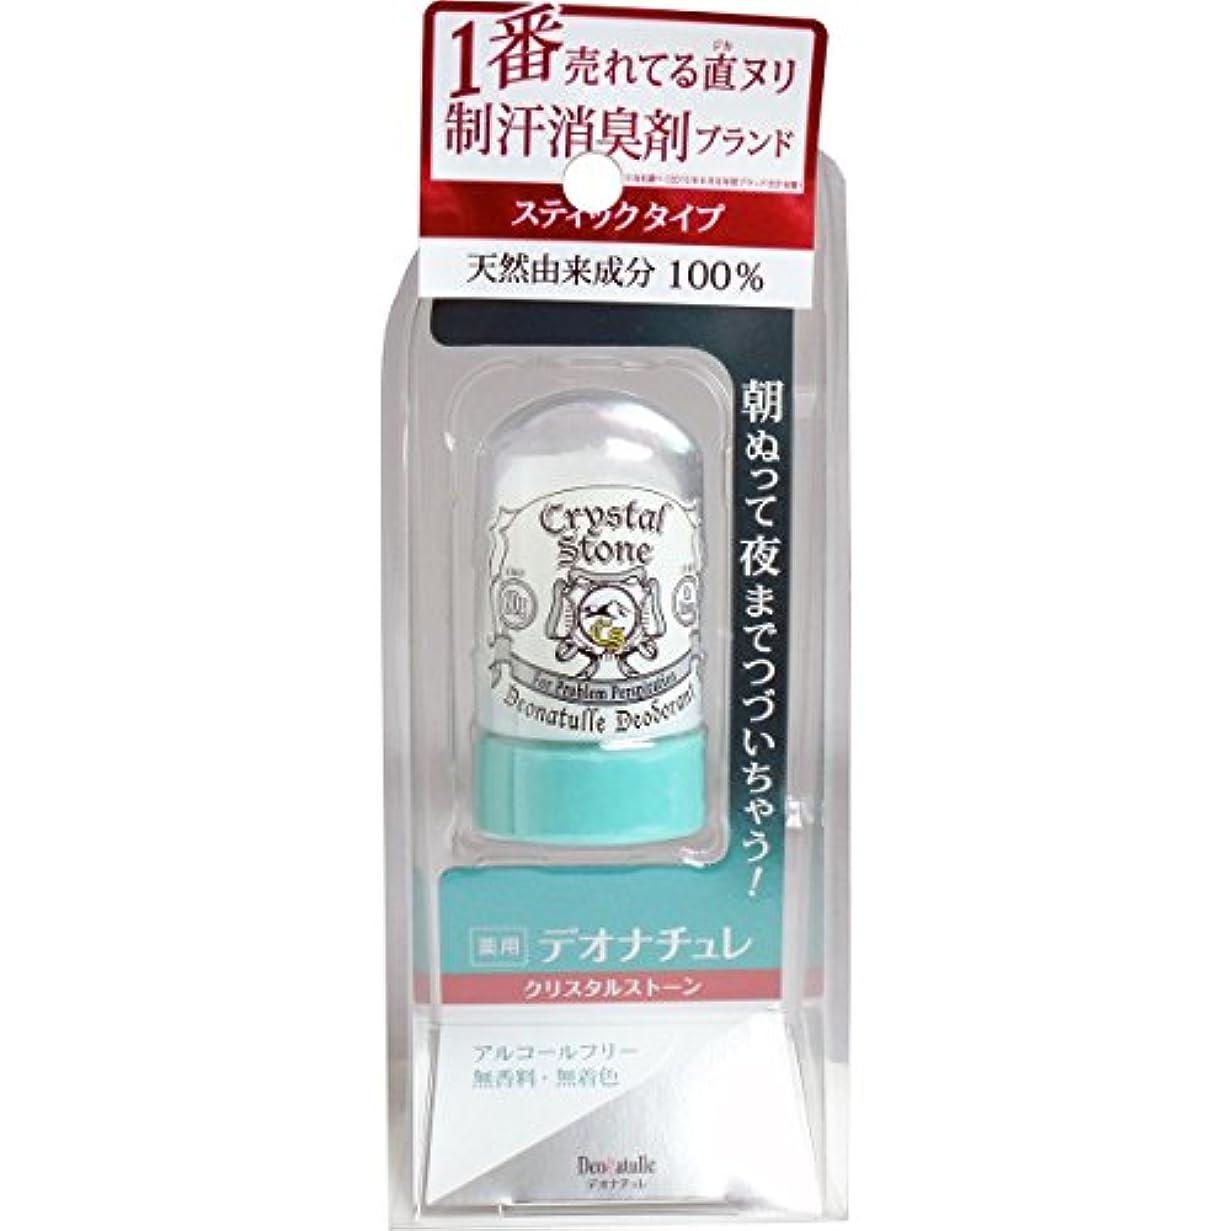 デオナチュレ クリスタルストーン 60g(医薬部外品)(お買い得3個セット)